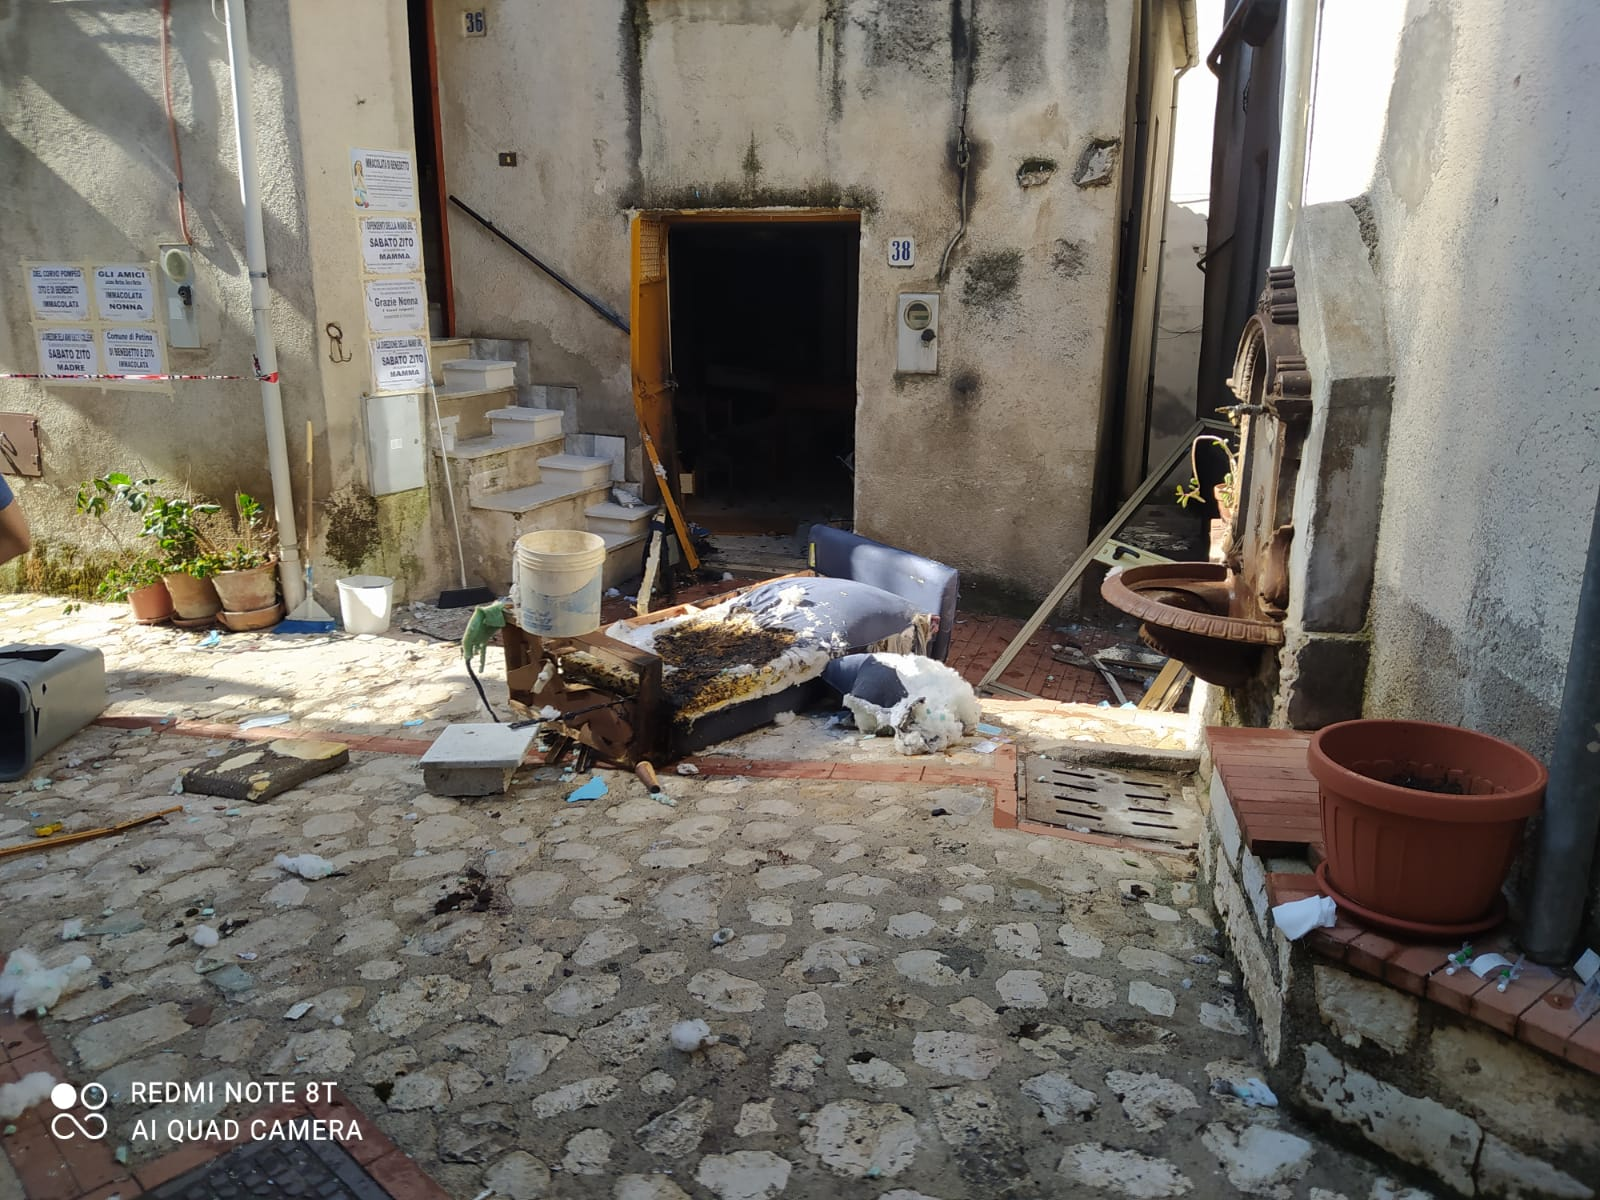 Petina, esplode bombola in abitazione: 51enne in eliambulanza